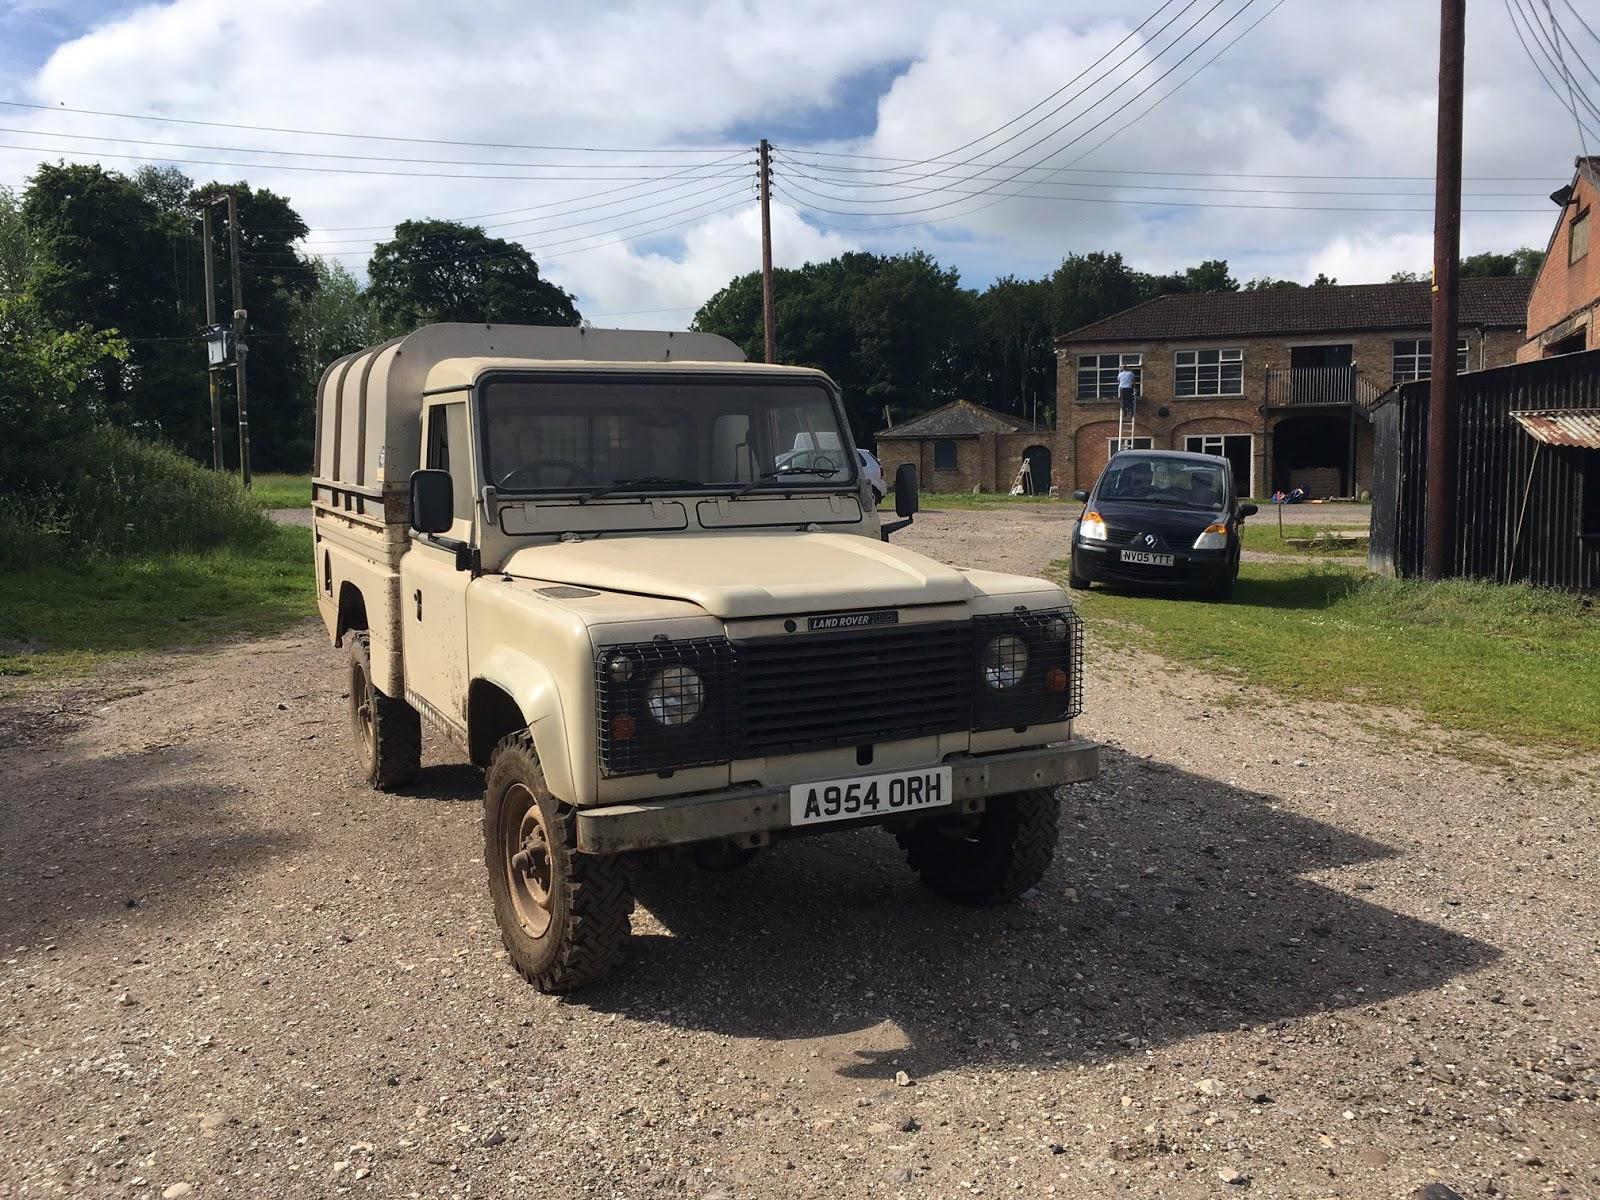 Landrover Defender For Sale Cream Land Rover Defender 110 LWB